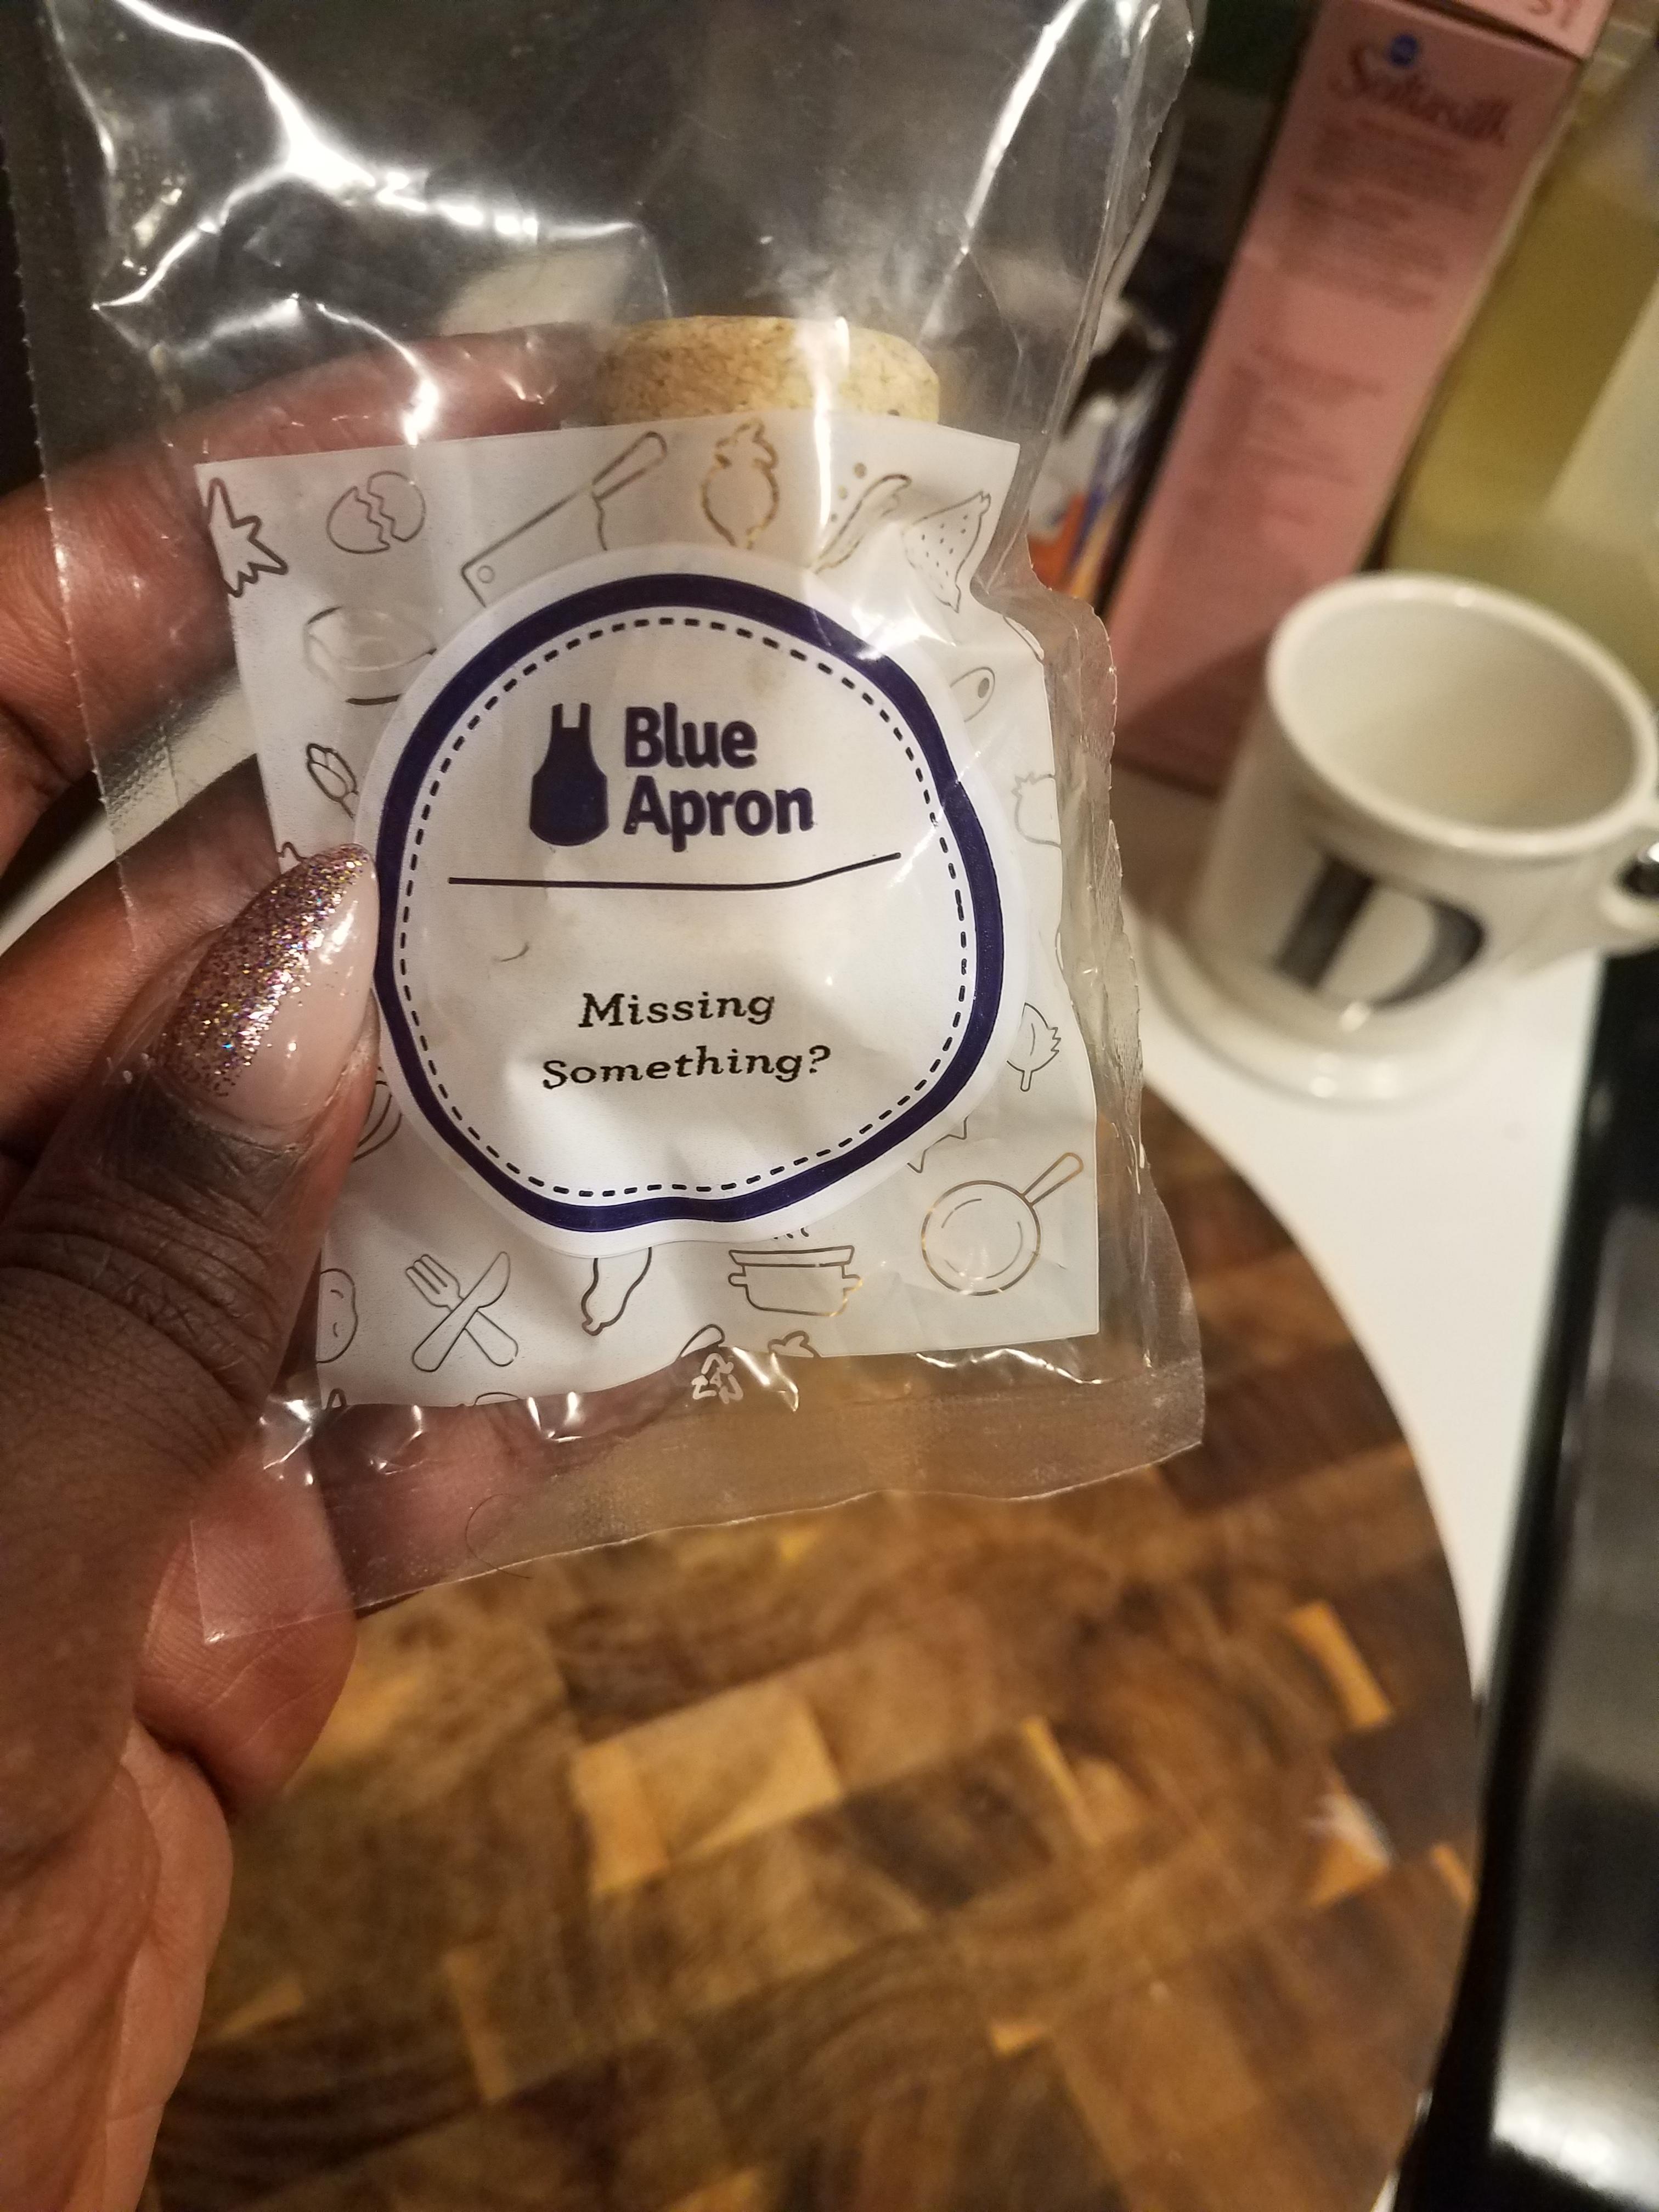 Blue apron missing ingredient - Blue Apron Missing Ingredient 64